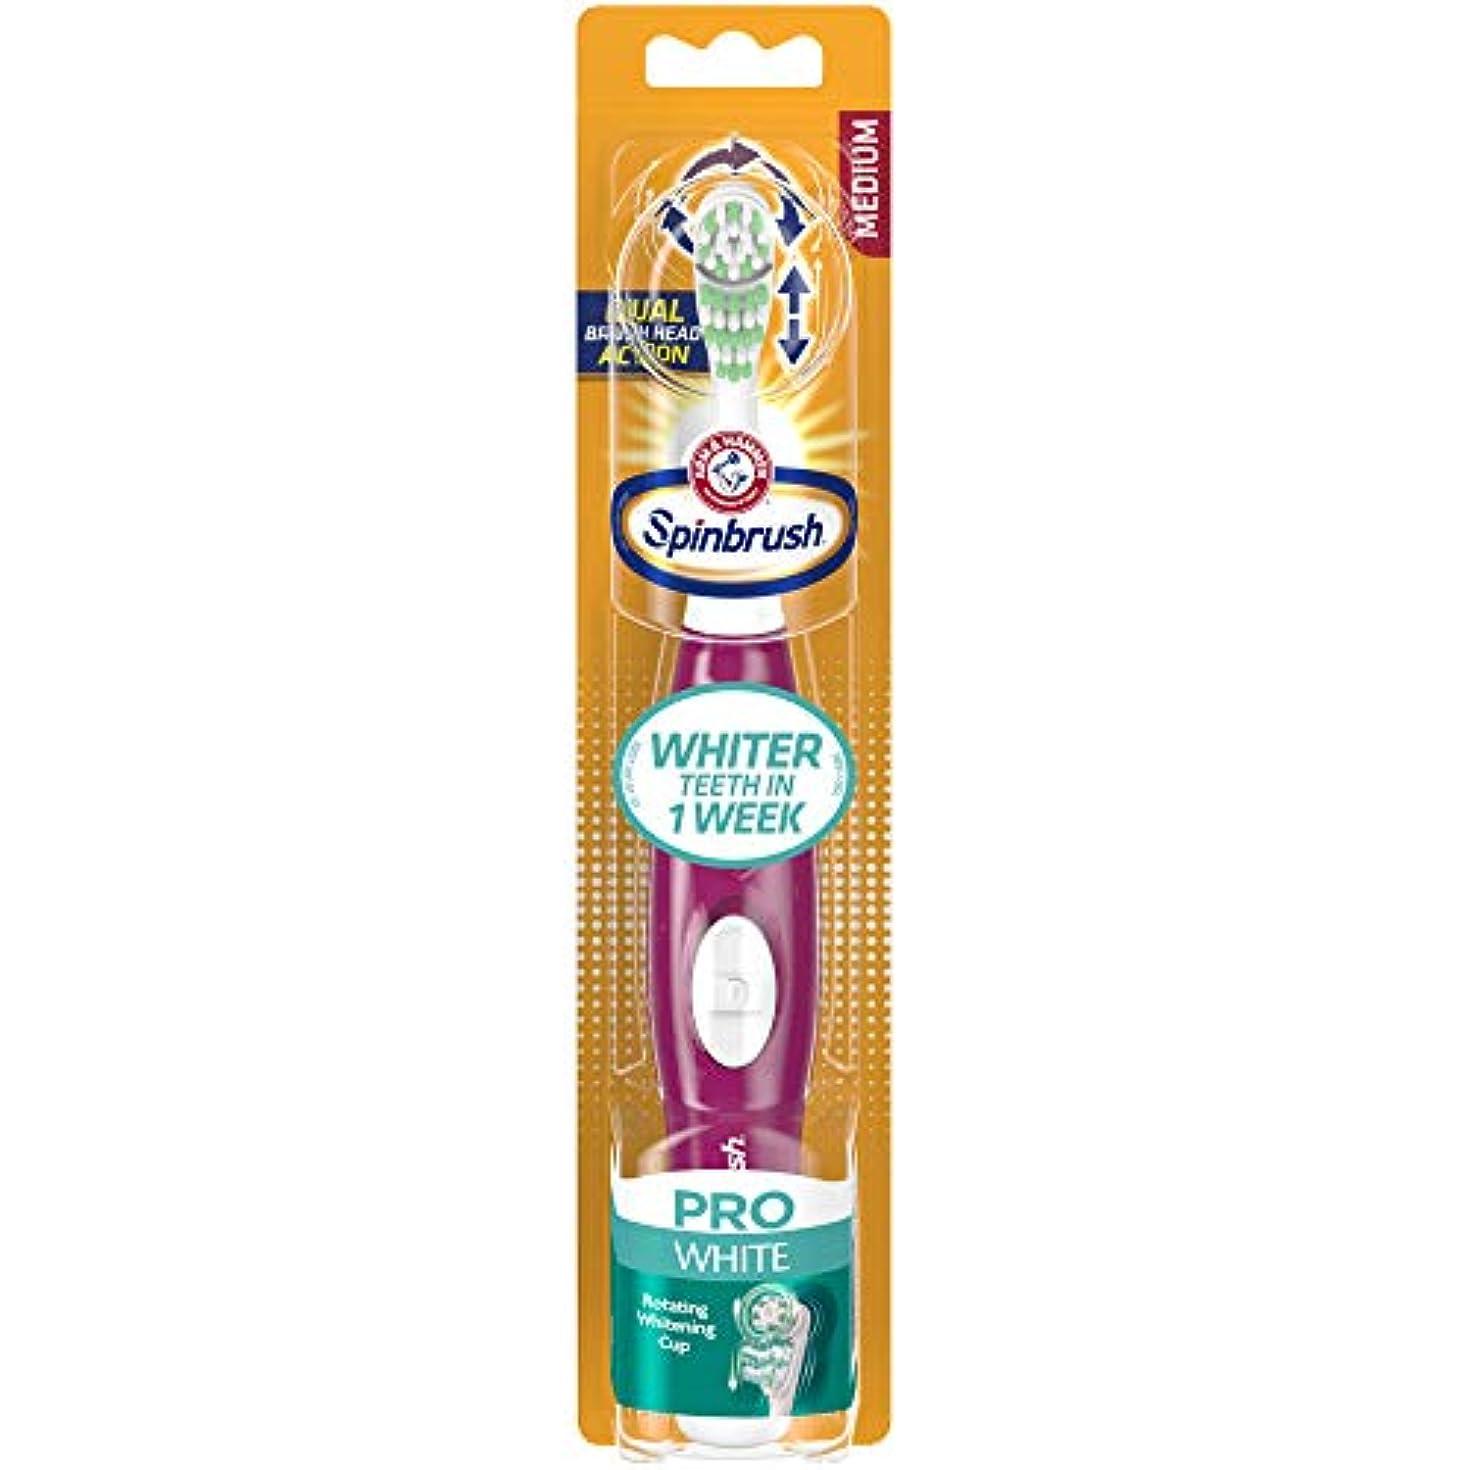 ダイバー棚疑問を超えてSpinbrush プロシリーズウルトラホワイト歯ブラシ、中1 Eaは 中